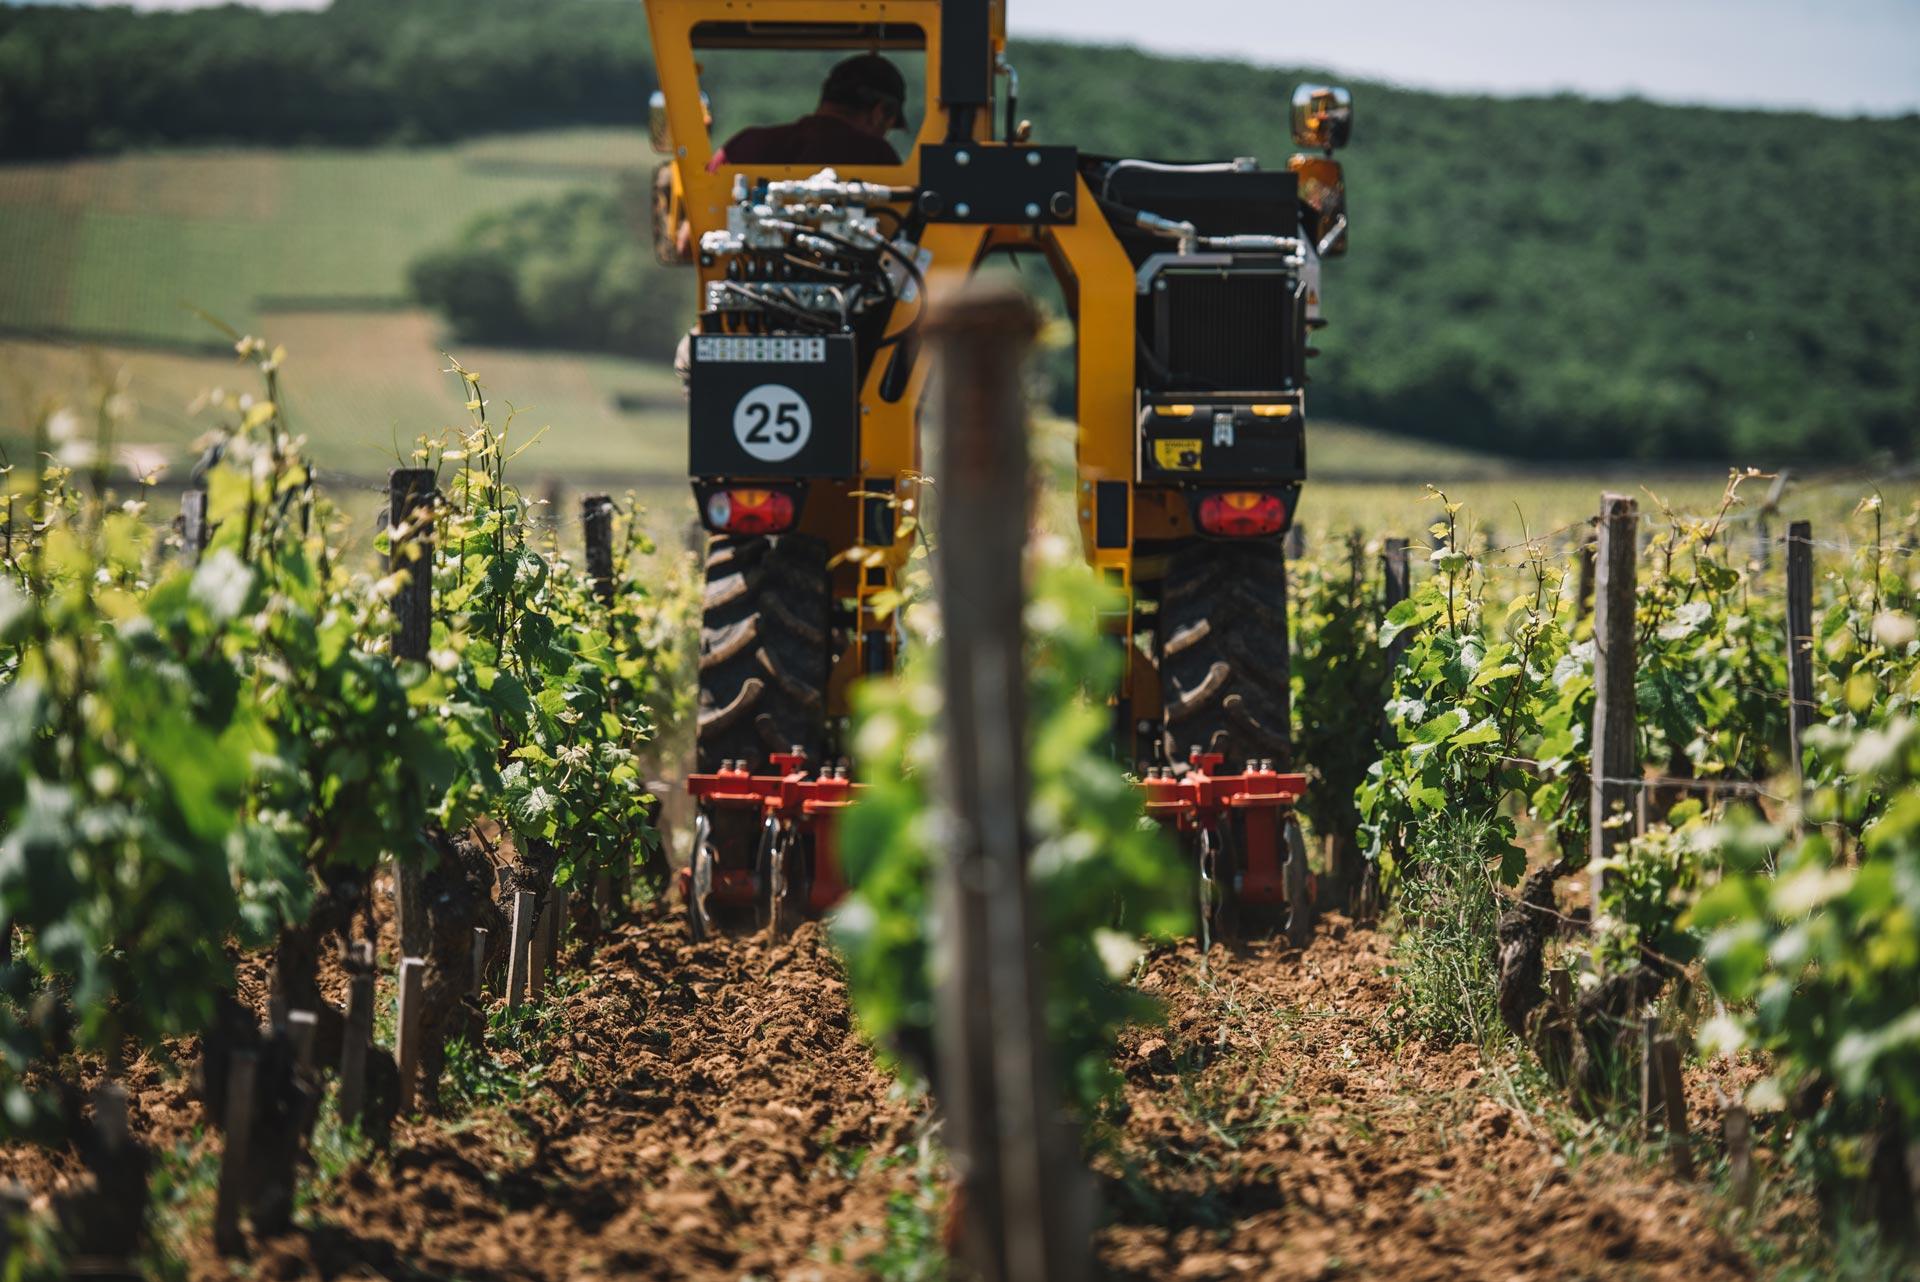 Lavorazione suolo   Domaine Leroy   Clos de Vougeot   Bourgogne